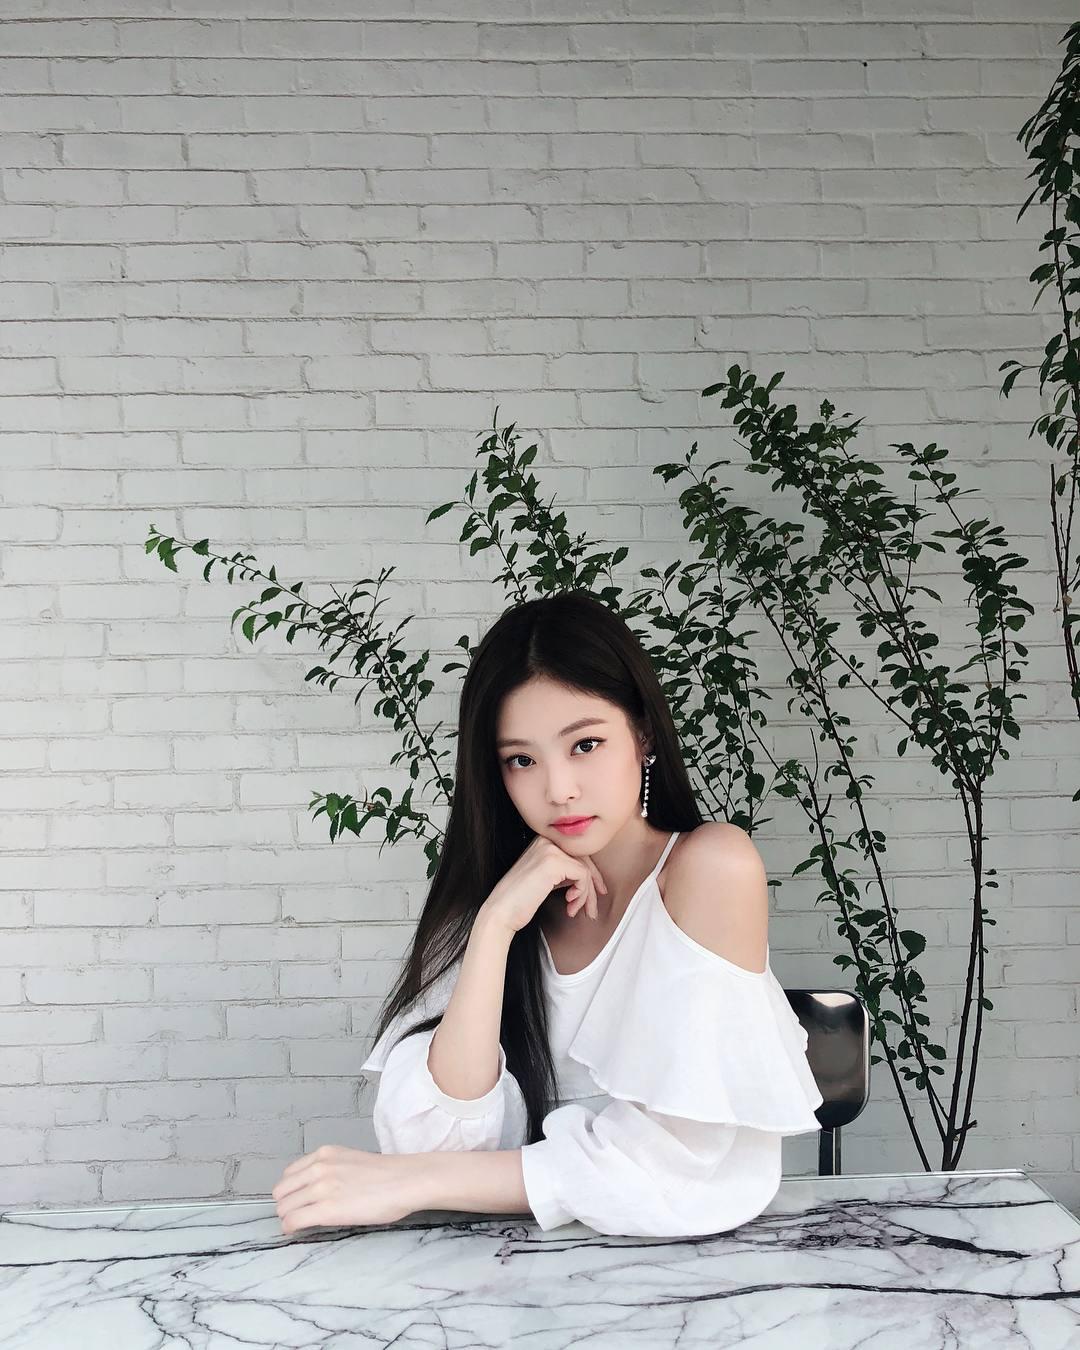 這件小露香肩的白色上衣優雅大方卻不單調,台灣的秋天穿超剛好~搭配牛仔褲或是裙子都很適合!可以再配上特色的飾品(像Jennie的耳環)讓整體造型更有亮點!